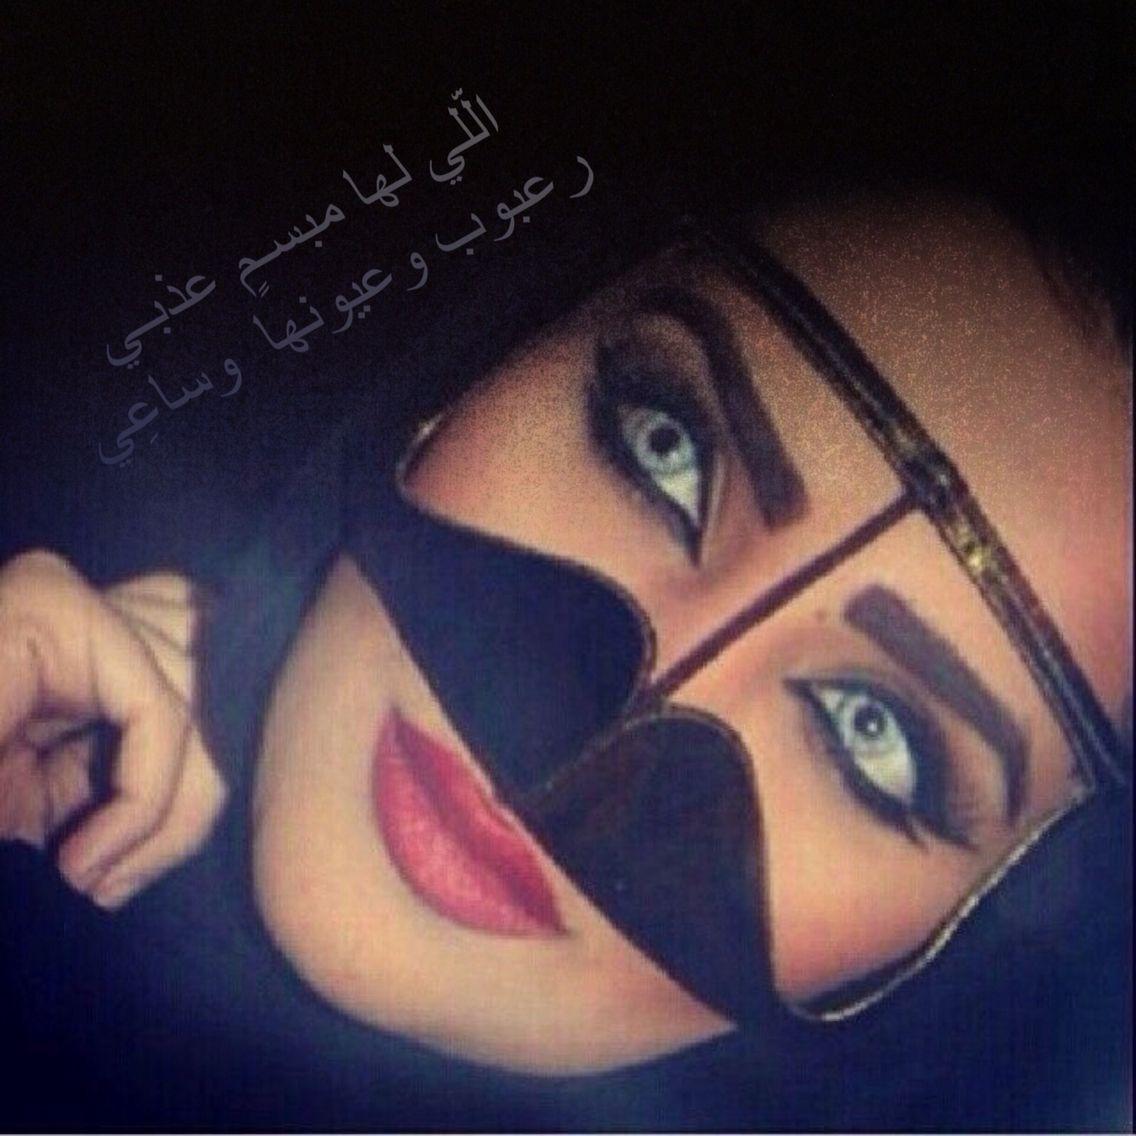 ال لي لها مبسـم عذبـي رعبوب وعيونها وساع ي Arab Beauty Arabian Beauty Cool Eyes